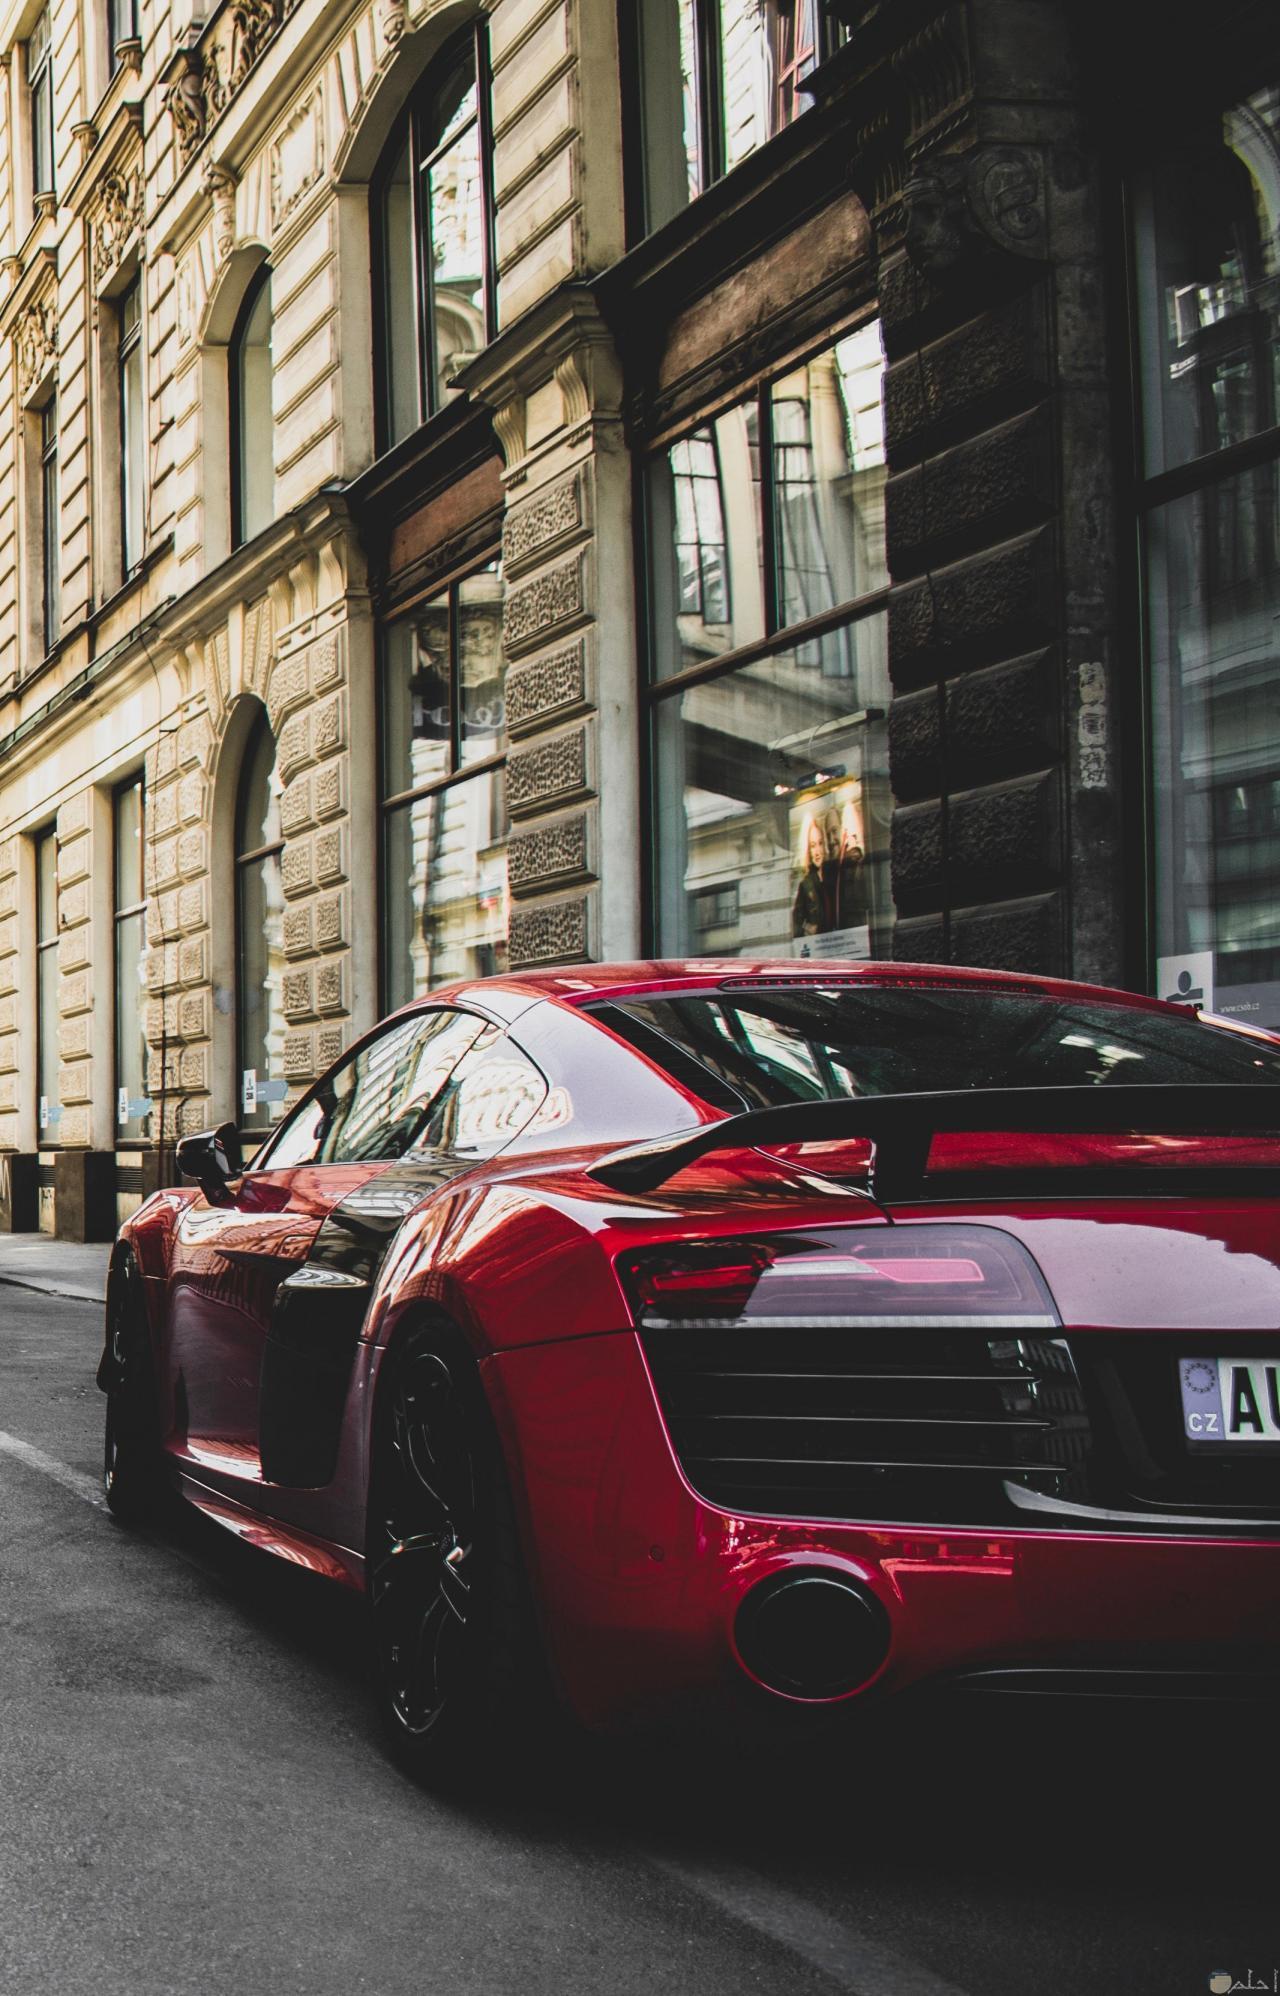 سيارة فخمه جدا سيارات لاصحاب الذوق الرفيع هل تعلم